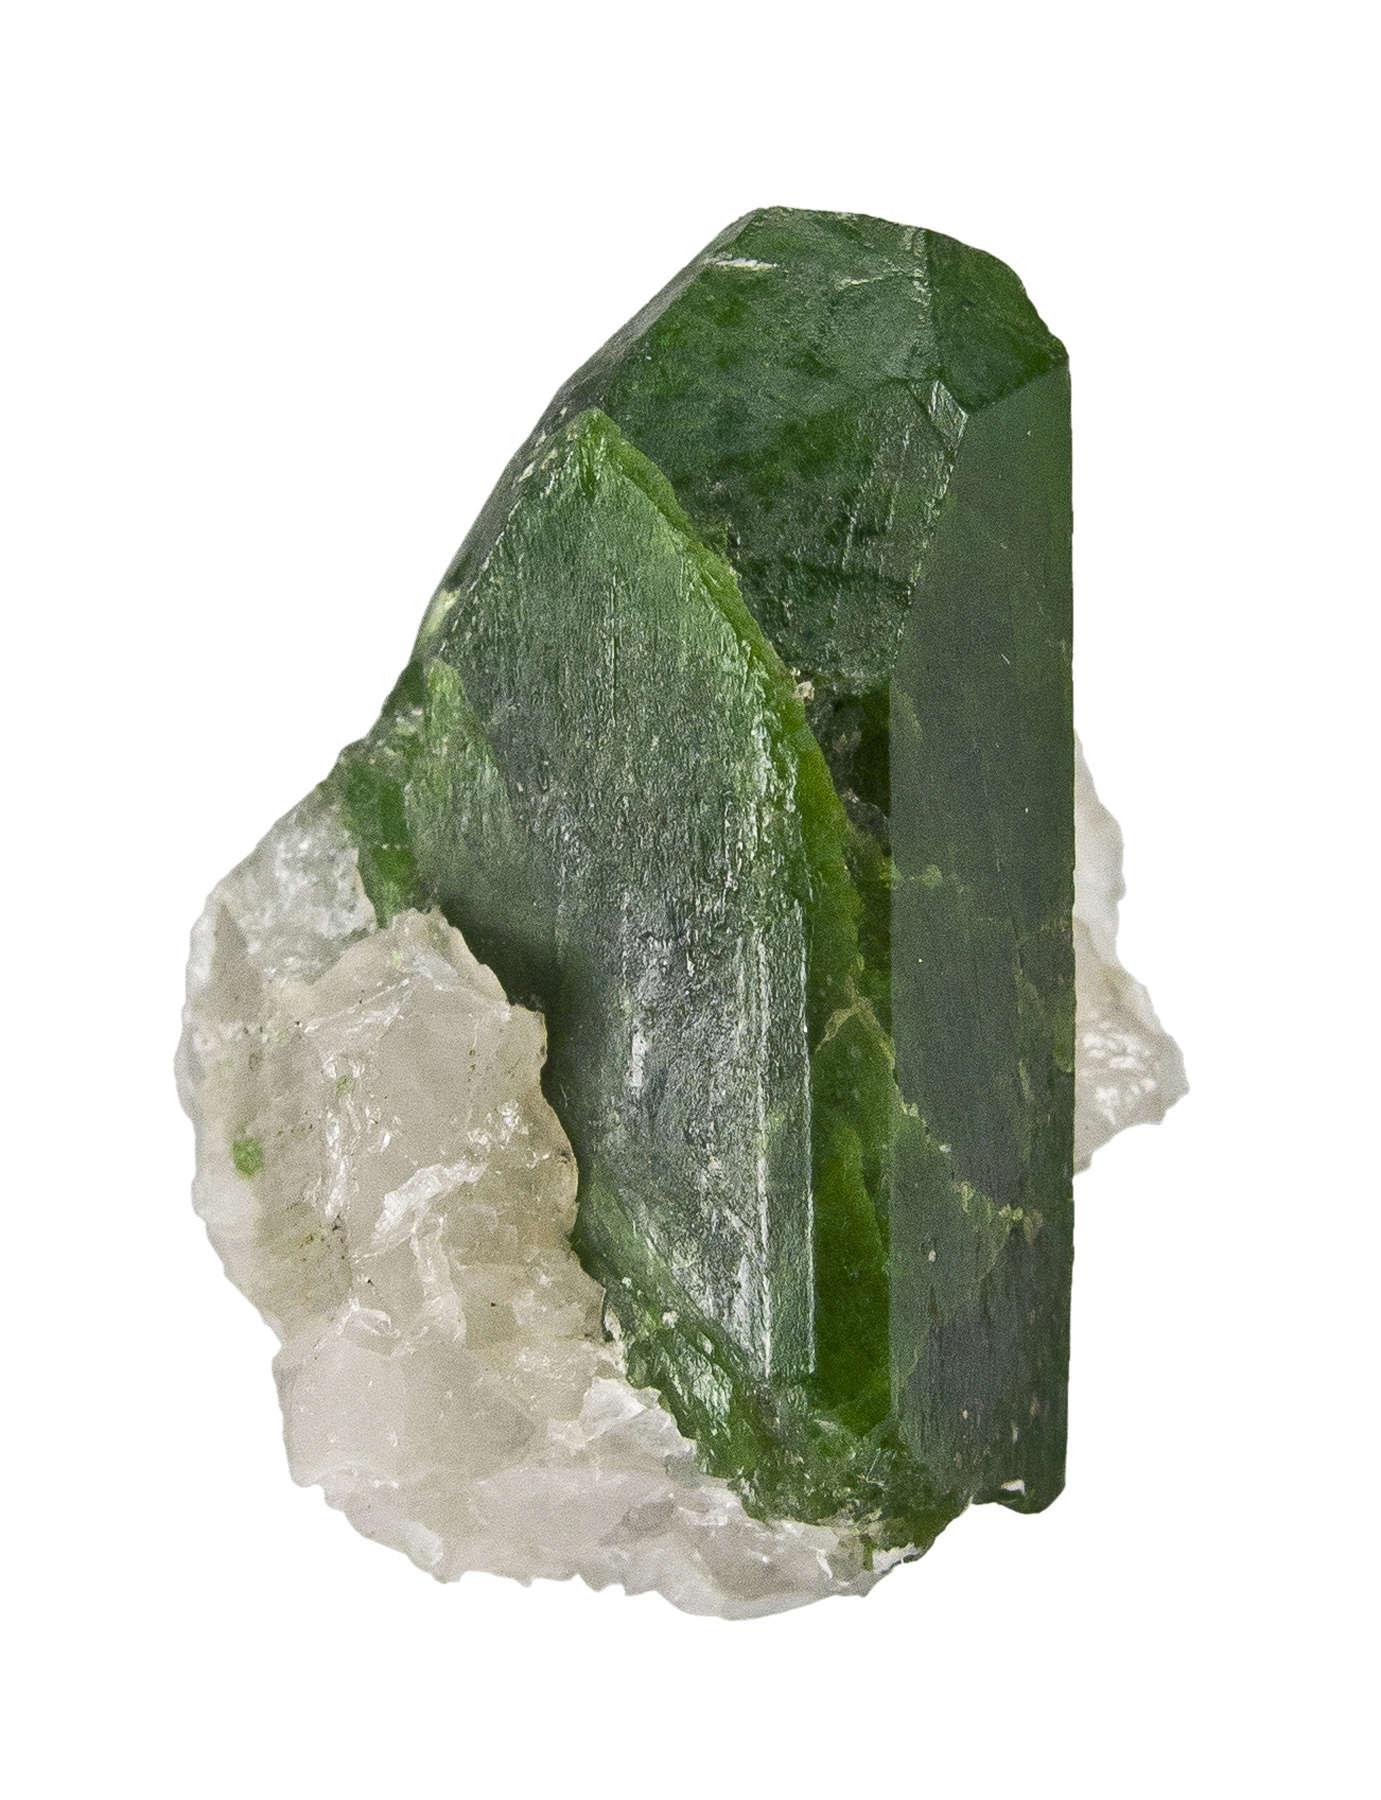 Đá Diopside là gì? Bạn đã biết gì về đá Diopside? 2